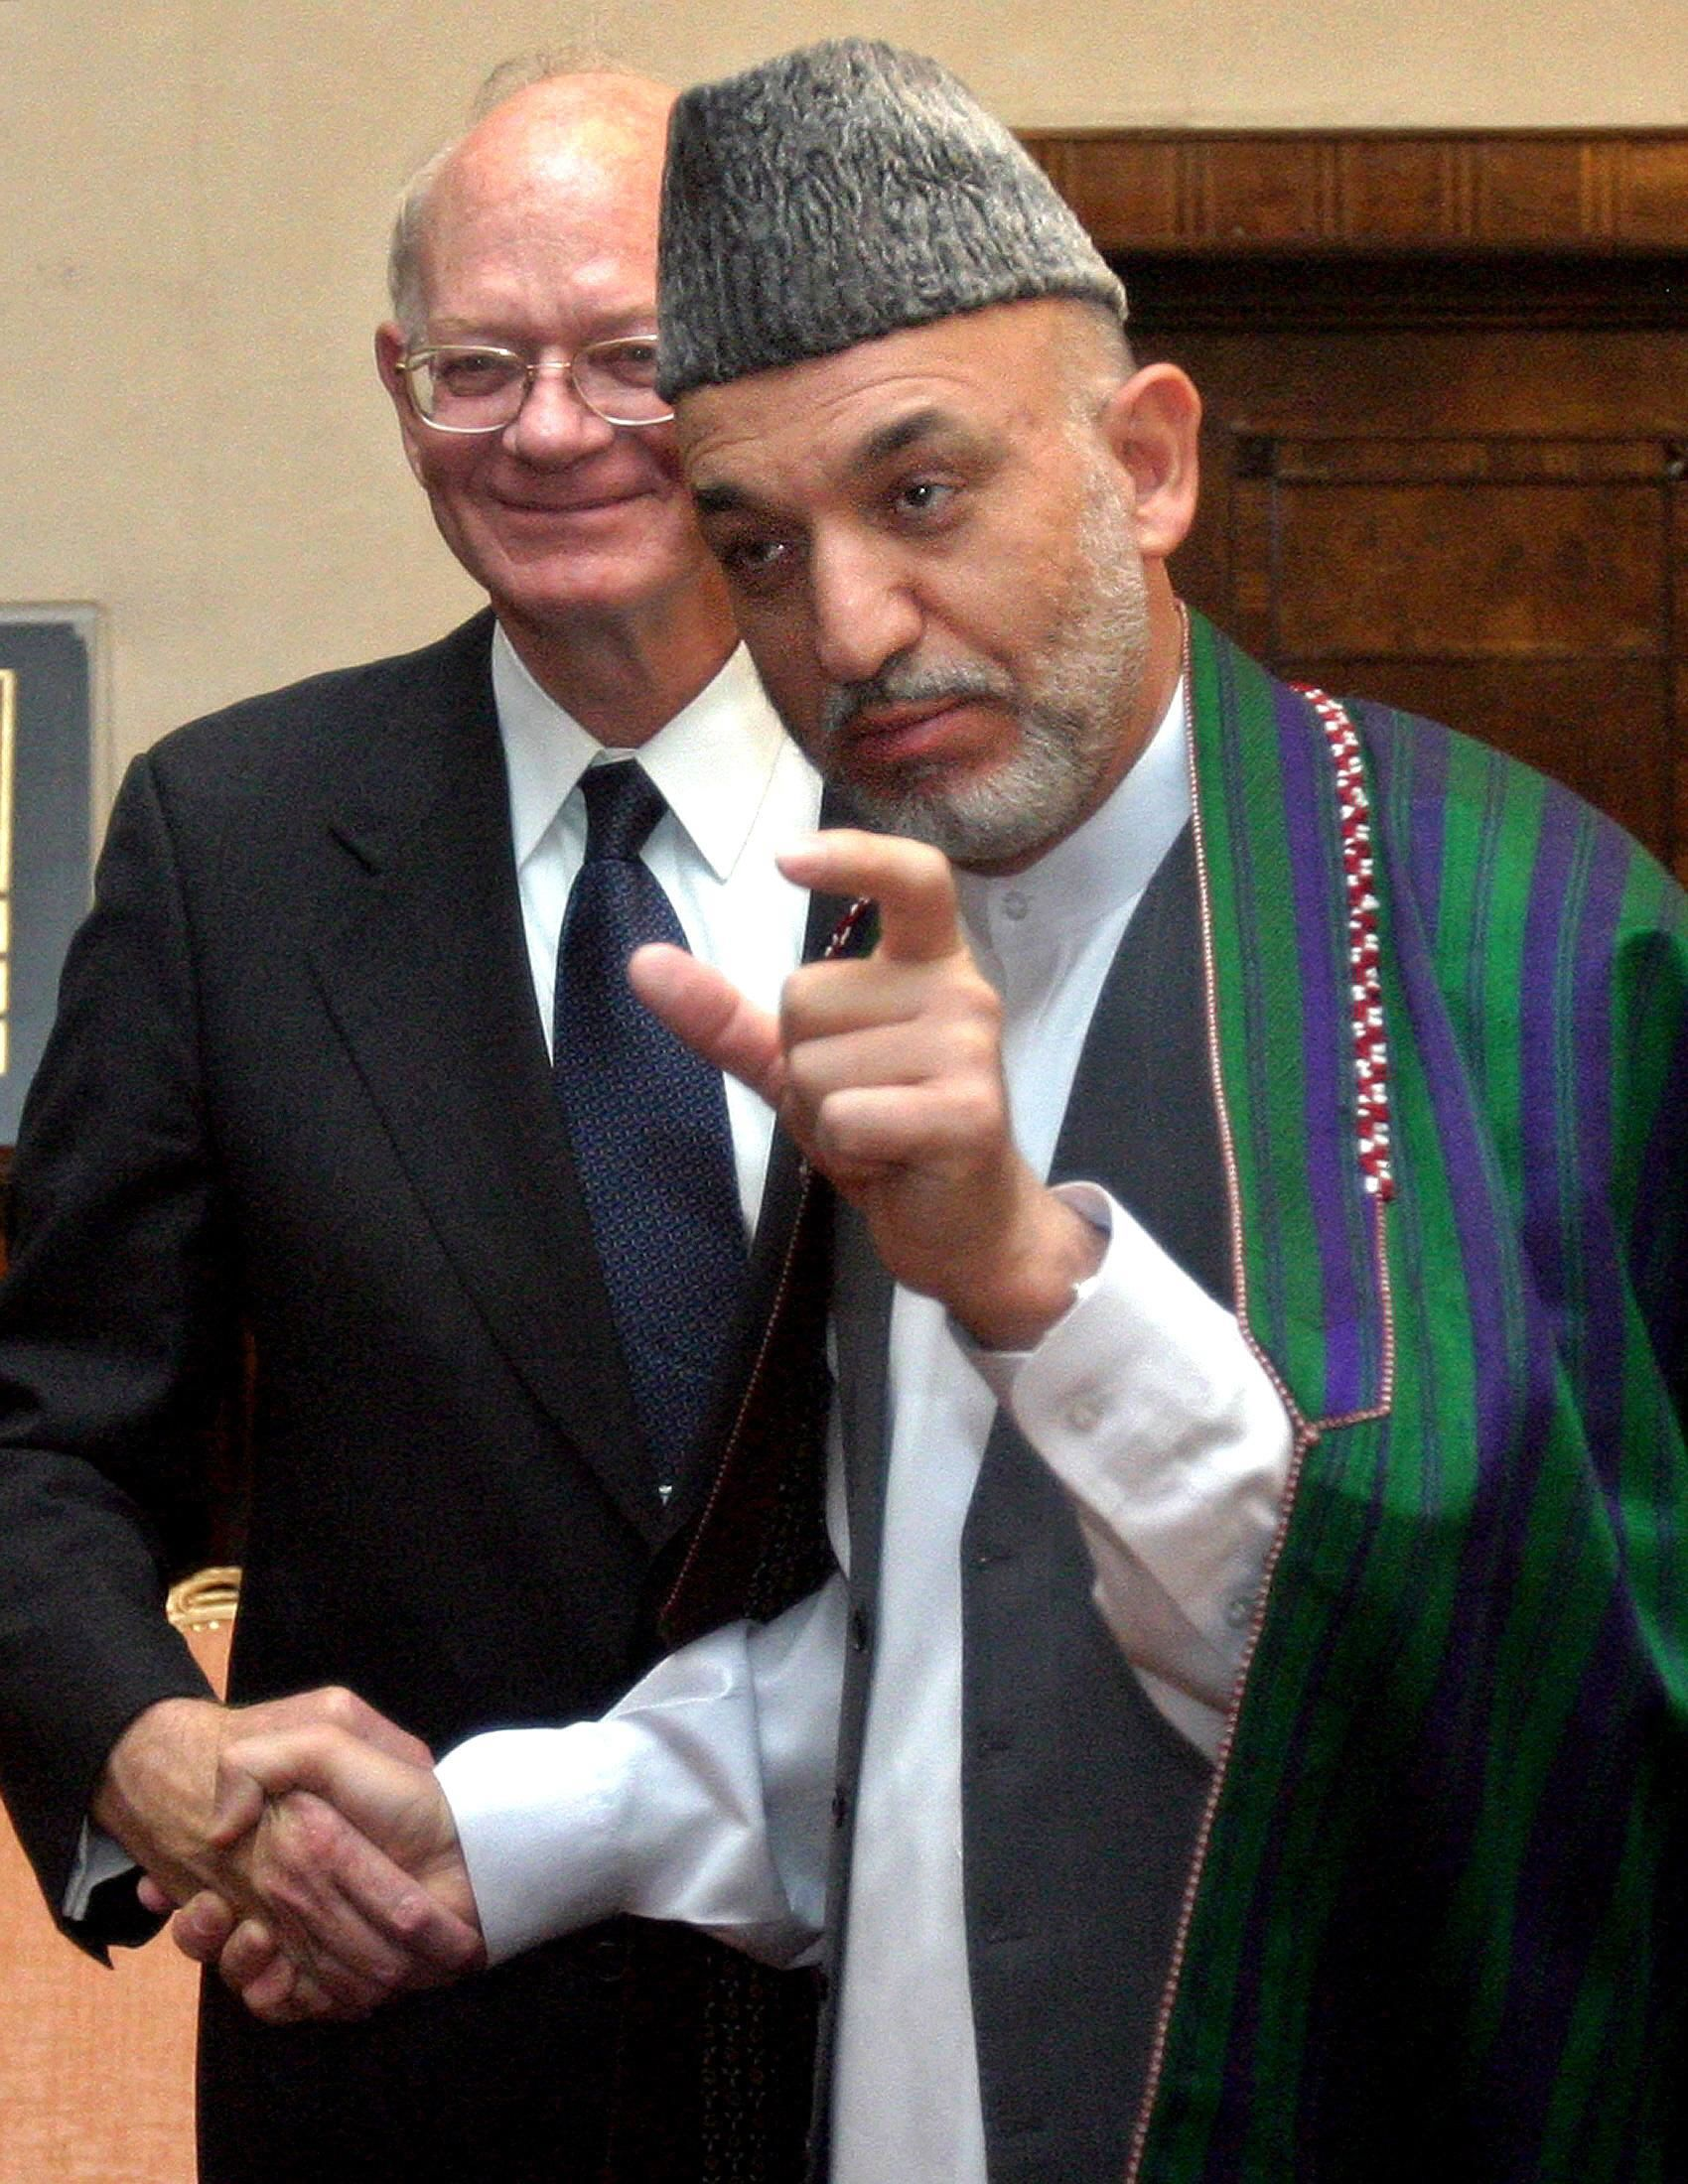 Ronald E. Neumann håndhilser på tidligere president i Afghanistan, Hamid Karzai, i 2005, den gang Neumann var USAs ambassadør i landet.